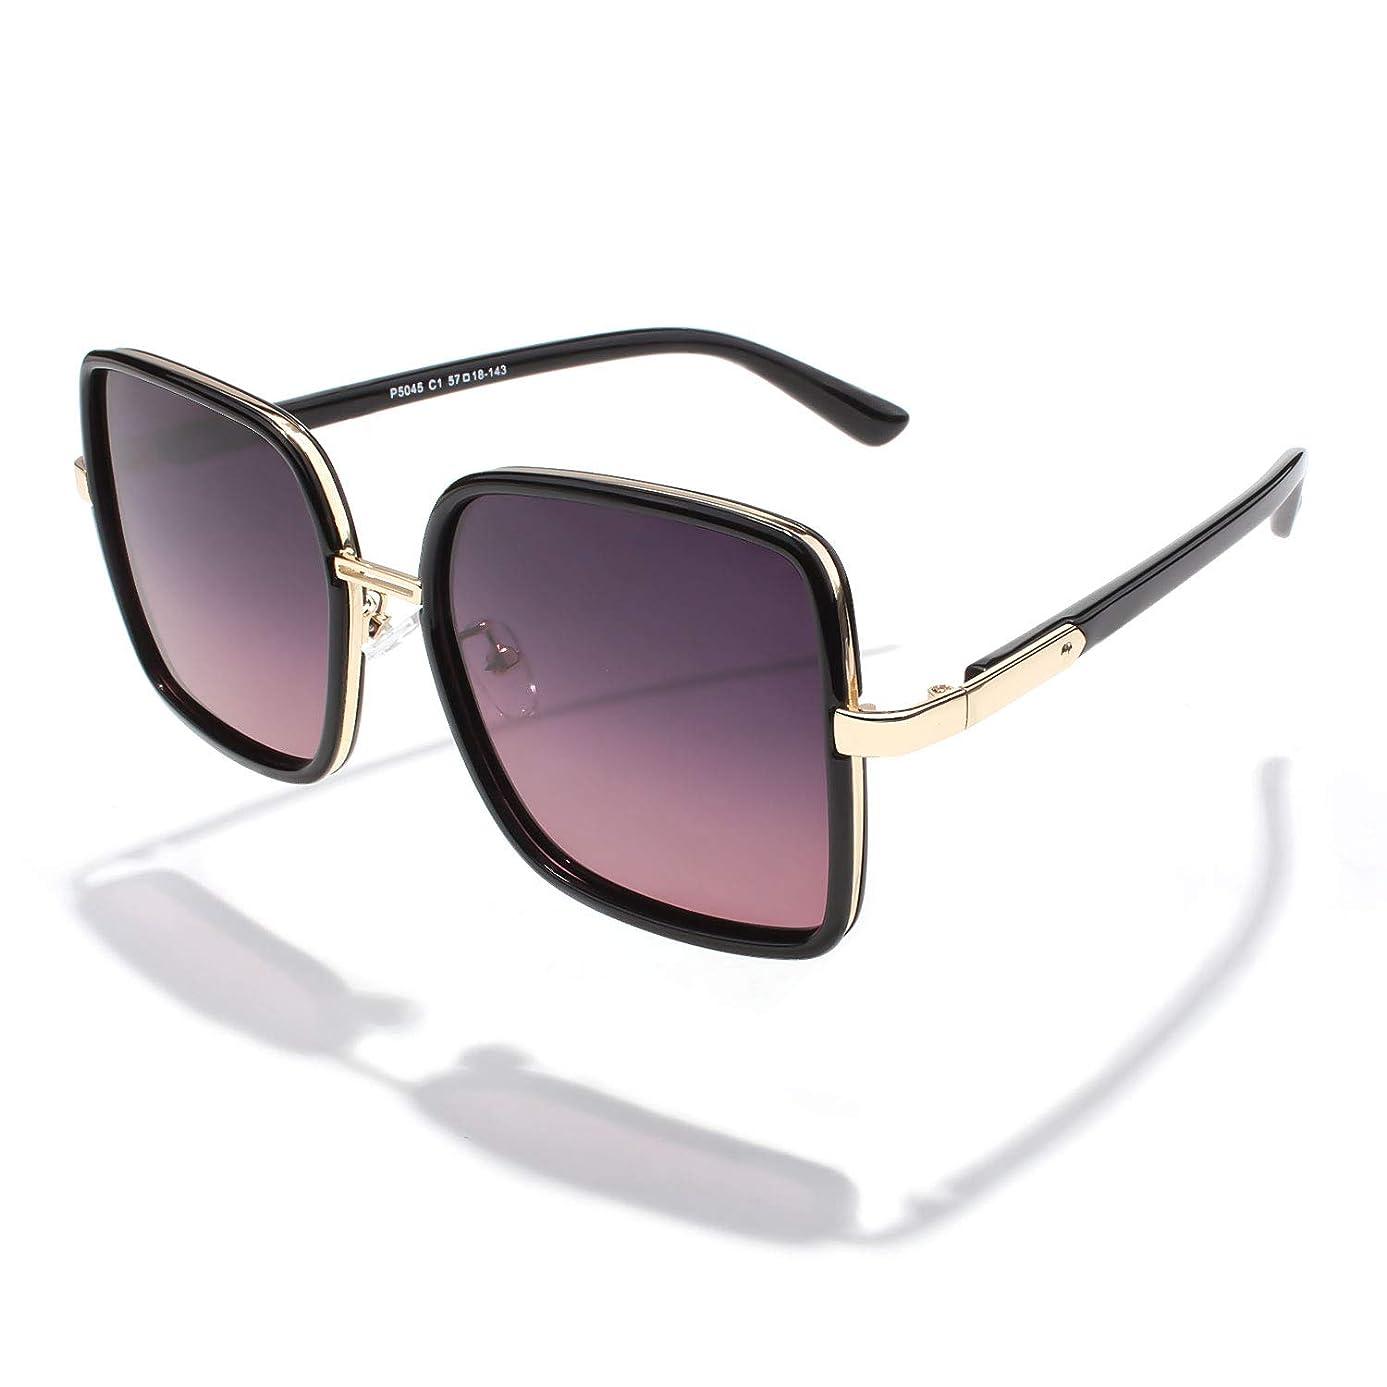 LINVO Square Frame Oversized Polarized Sunglasses for Women Brand Designer Inspired,FZ45